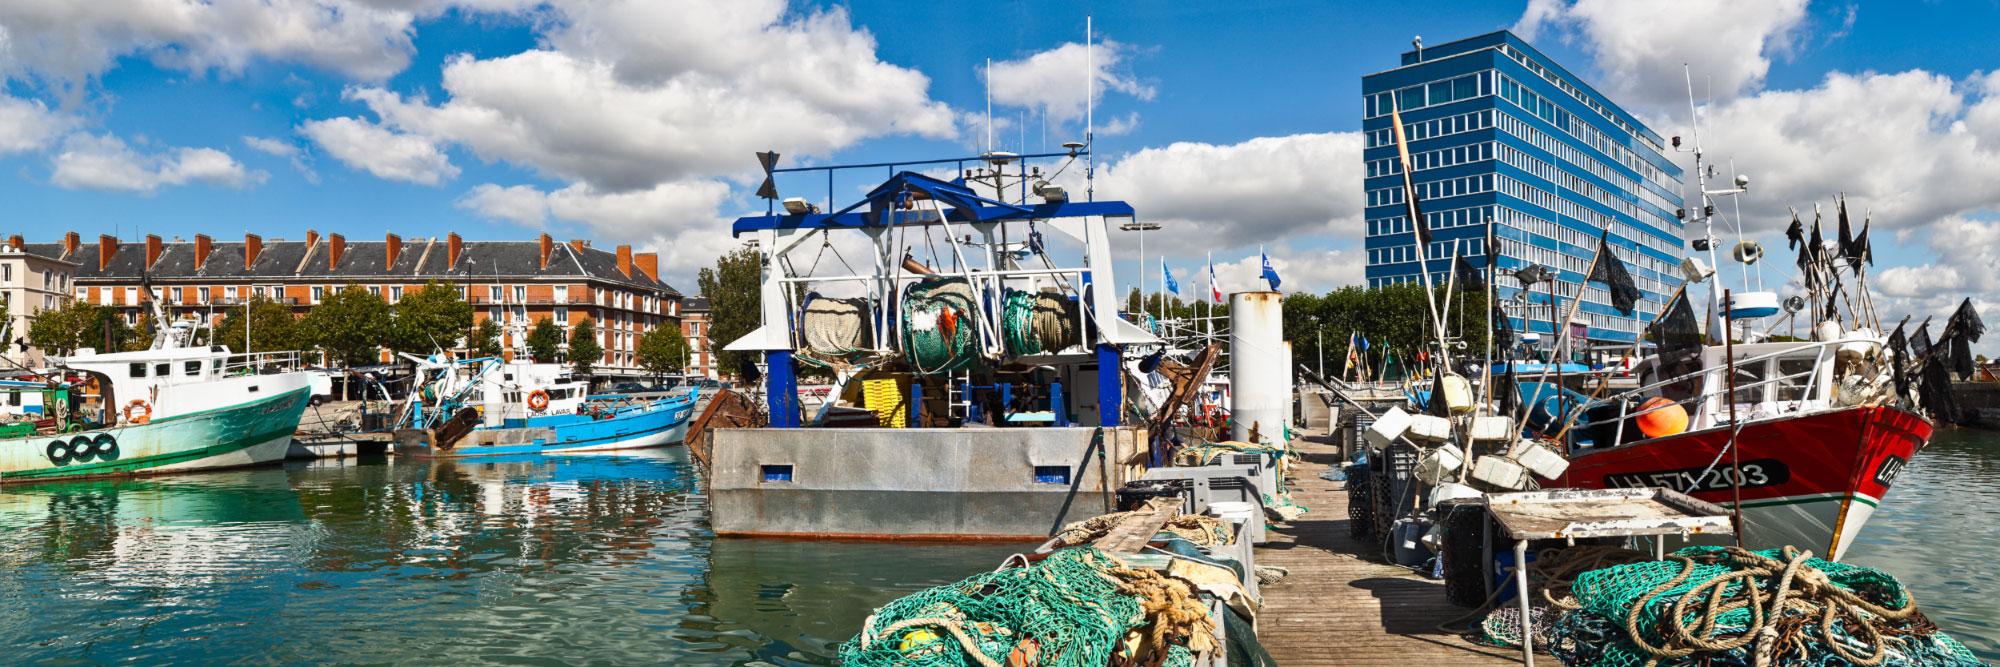 Port de pêche, Le Havre